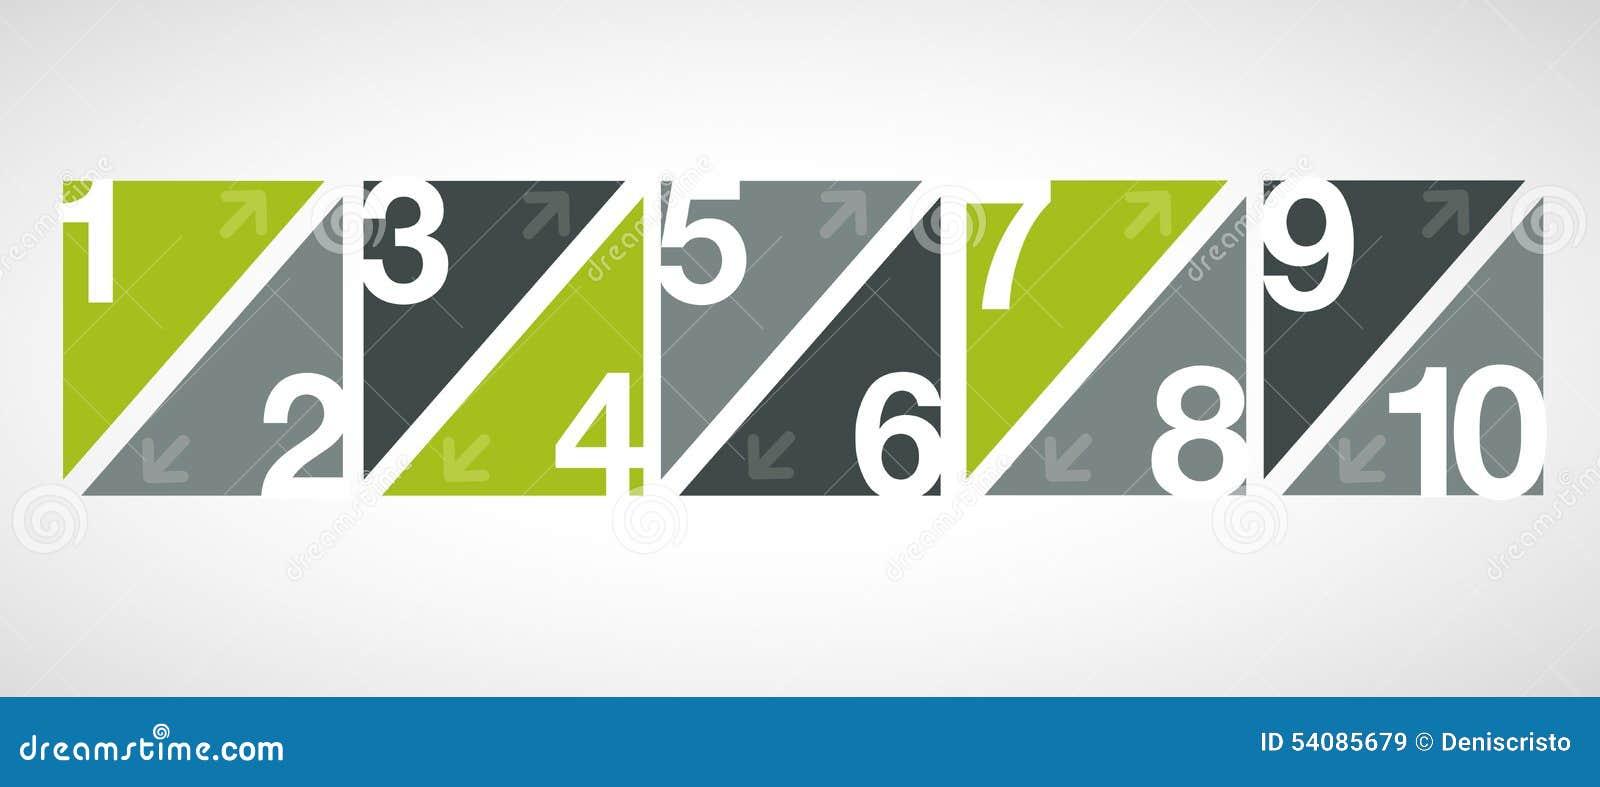 Malplaatje voor reclamefolder met aantallen